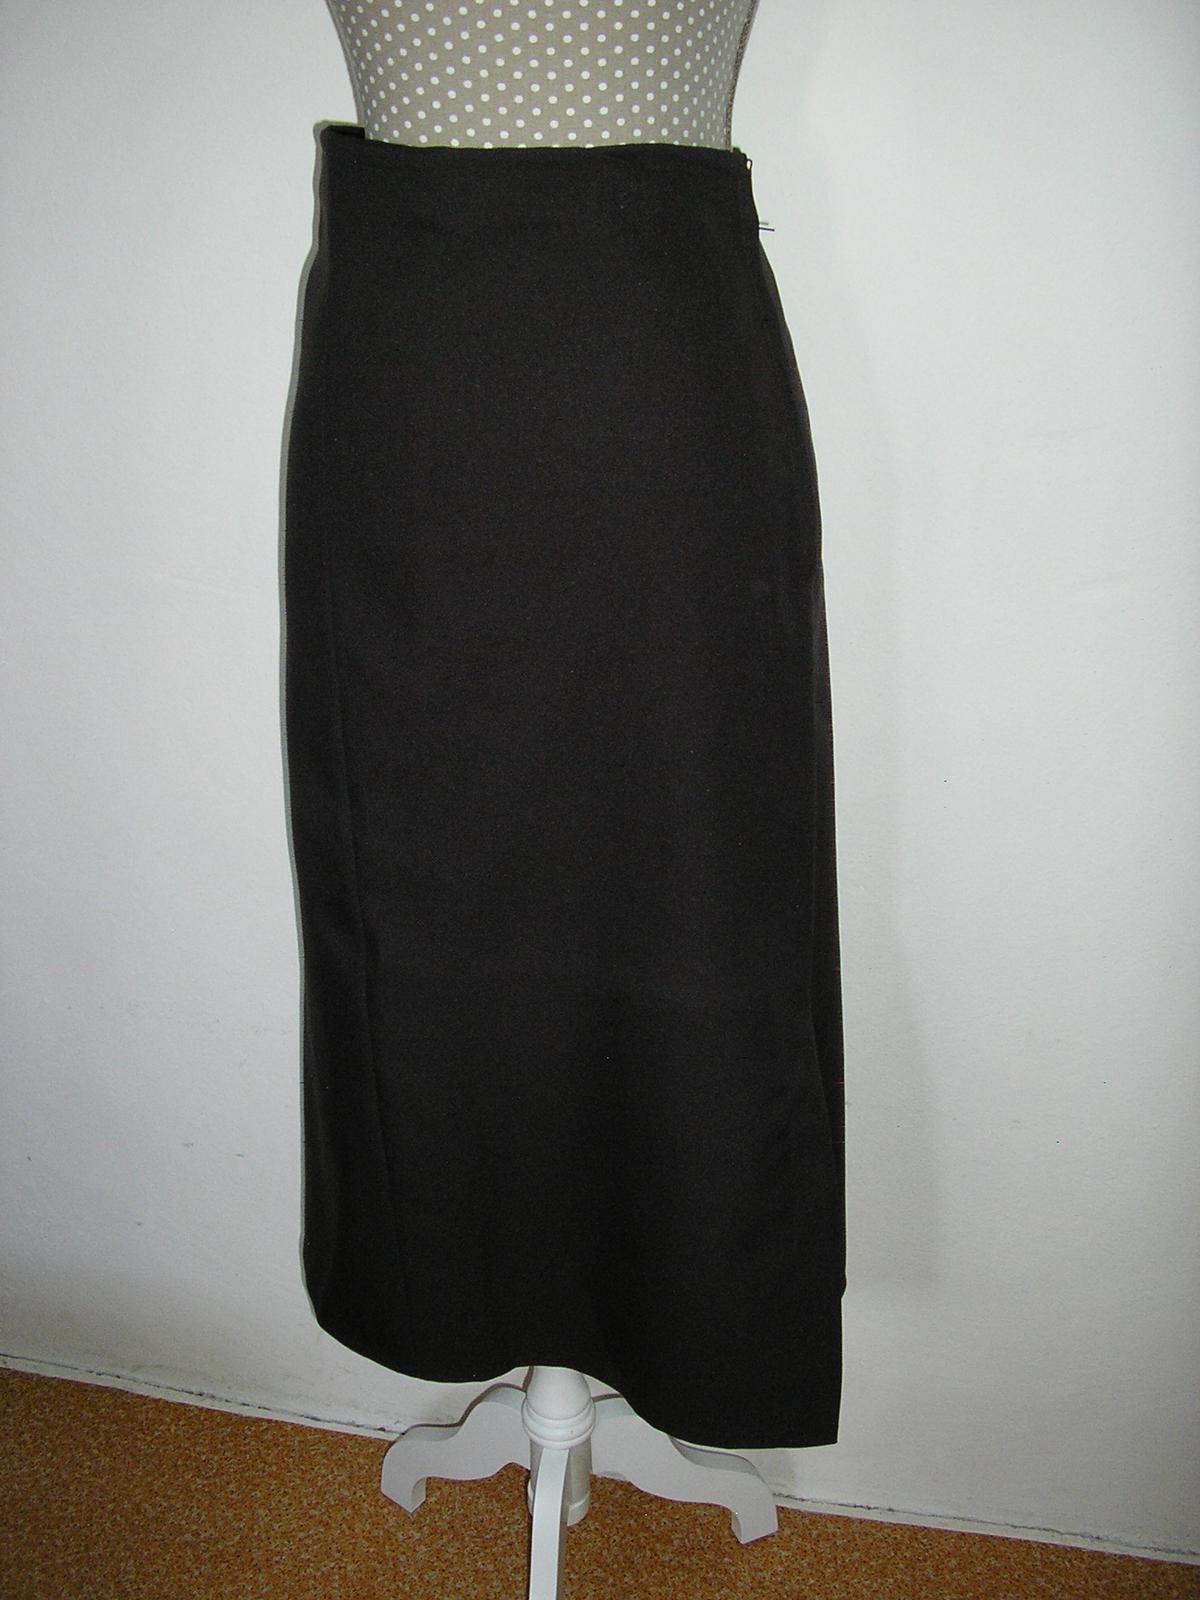 1430. Hnedá eleg. sukňa - Obrázok č. 1